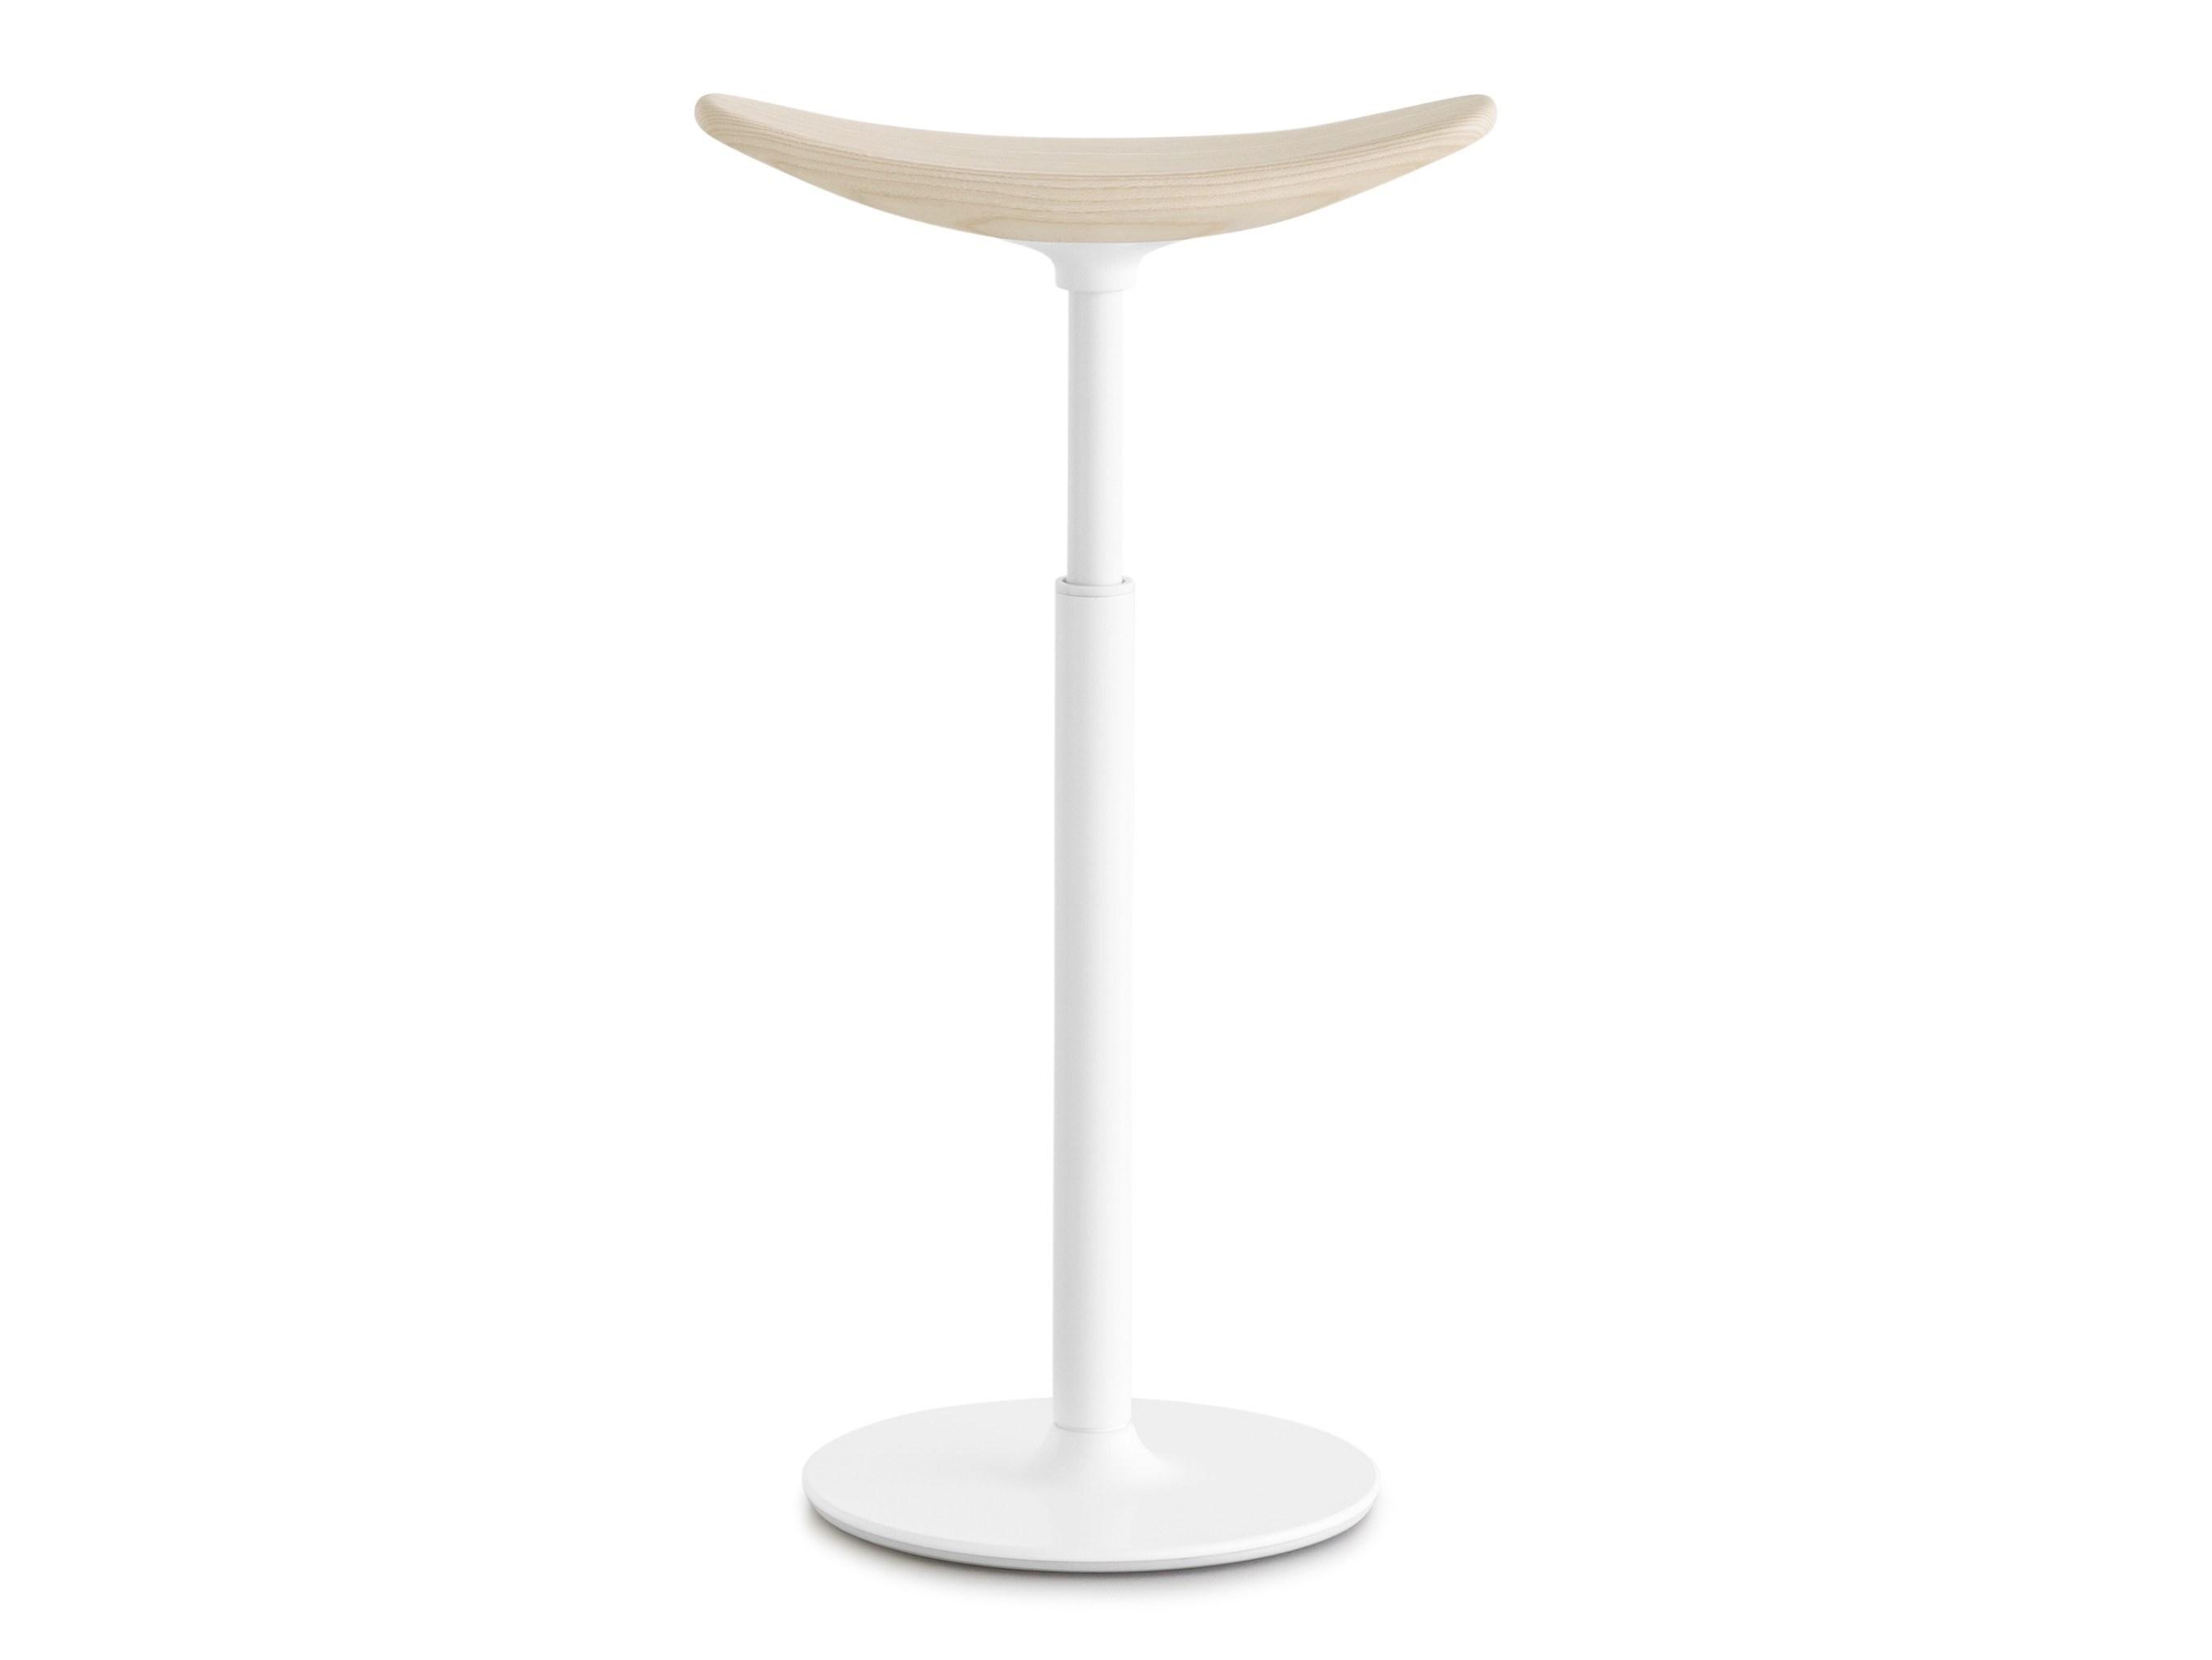 坐具|吧椅/凳子|创意家具|现代家居|时尚家具|设计师家具|定制家具|实木家具|RYO 凳/吧椅